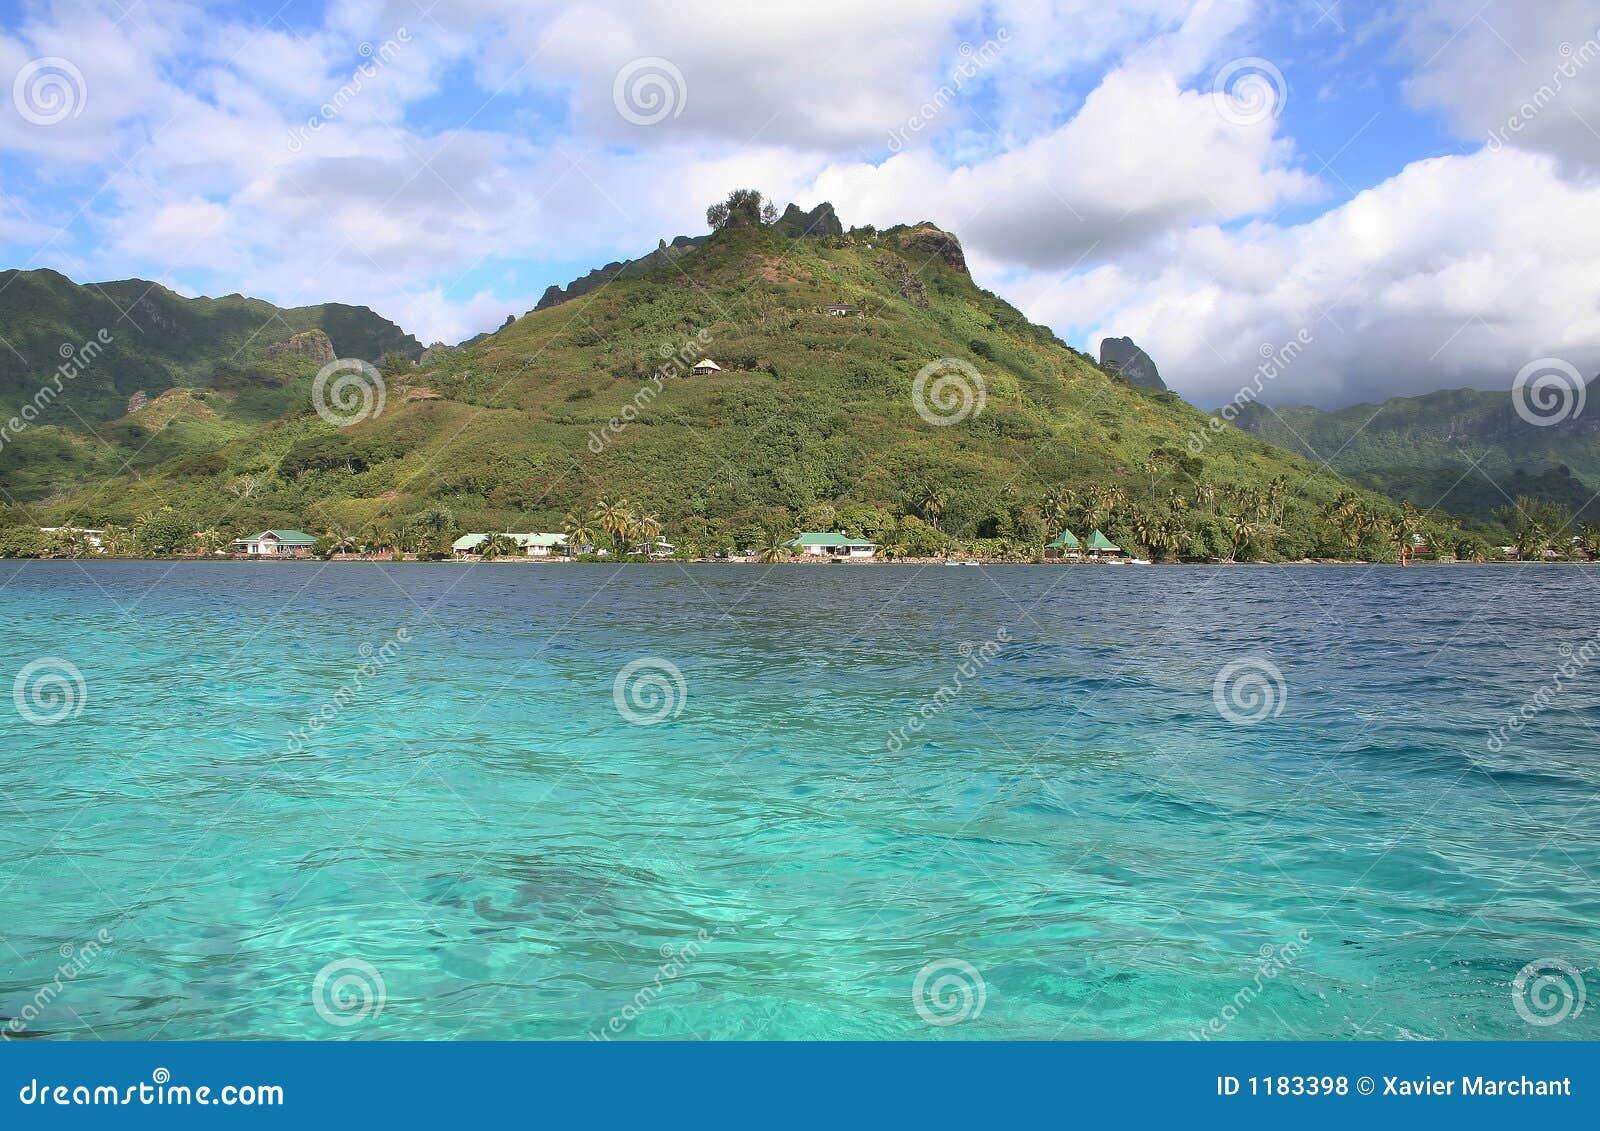 Lagoon Tropical Island: Tropical Island Lagoon Royalty Free Stock Photos